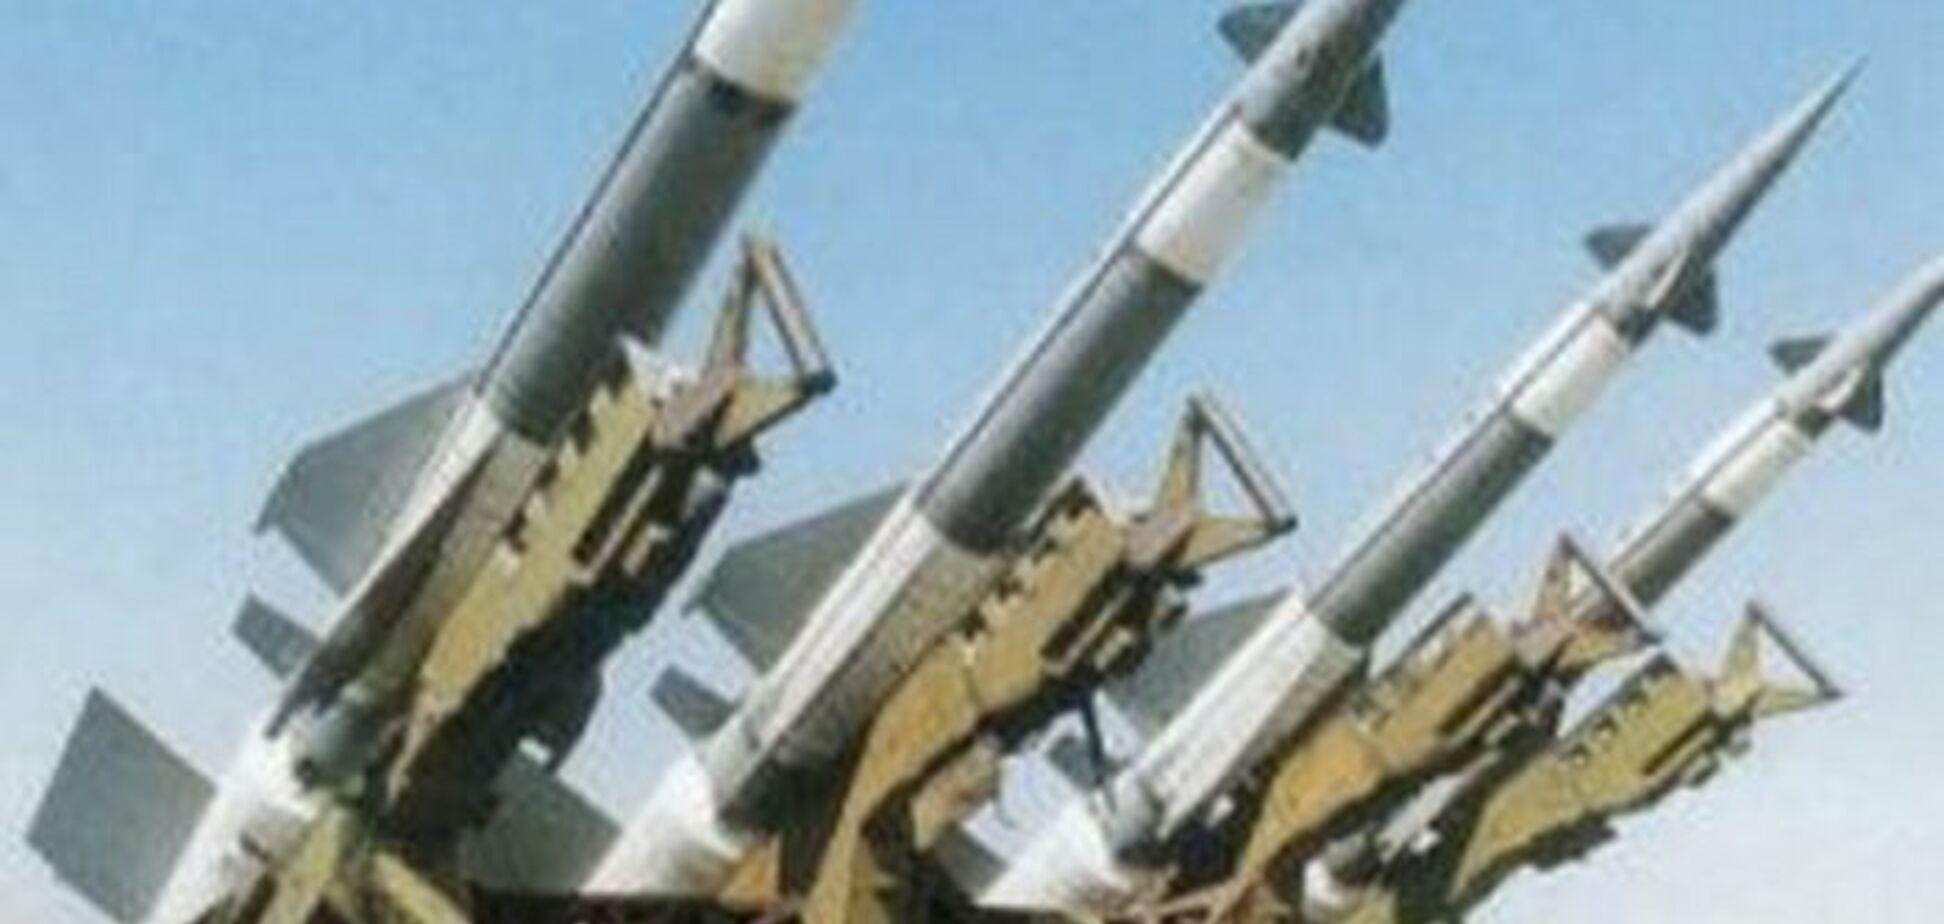 ЗСУ дістався російський зенітно-ракетнивй комплекс 'Печора': потужне відео